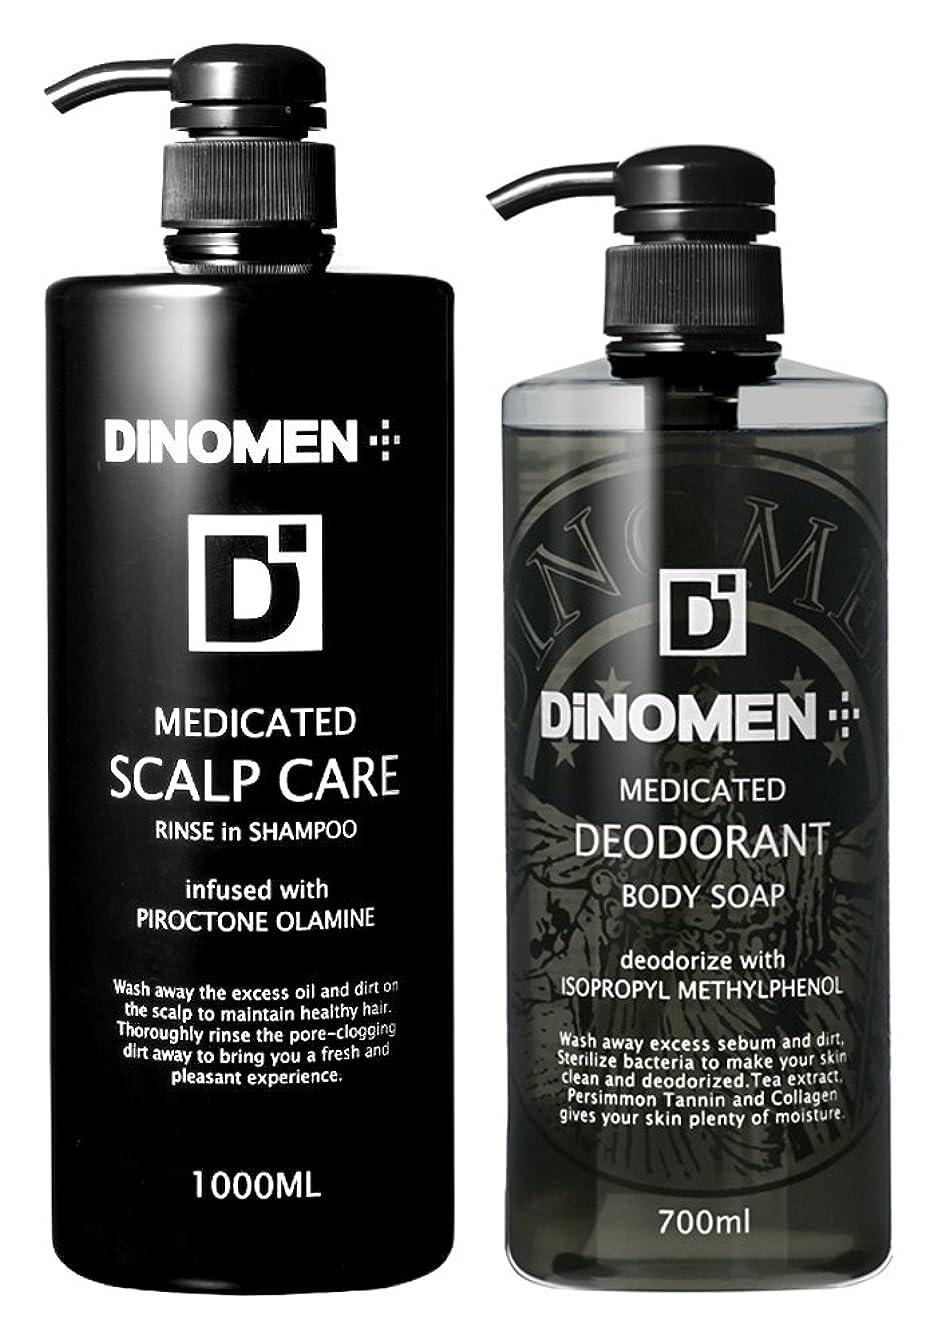 シンボル更新緊張DiNOMEN 薬用スカルプケアリンスインシャンプー1000ml & 薬用デオドラントボディソープセット